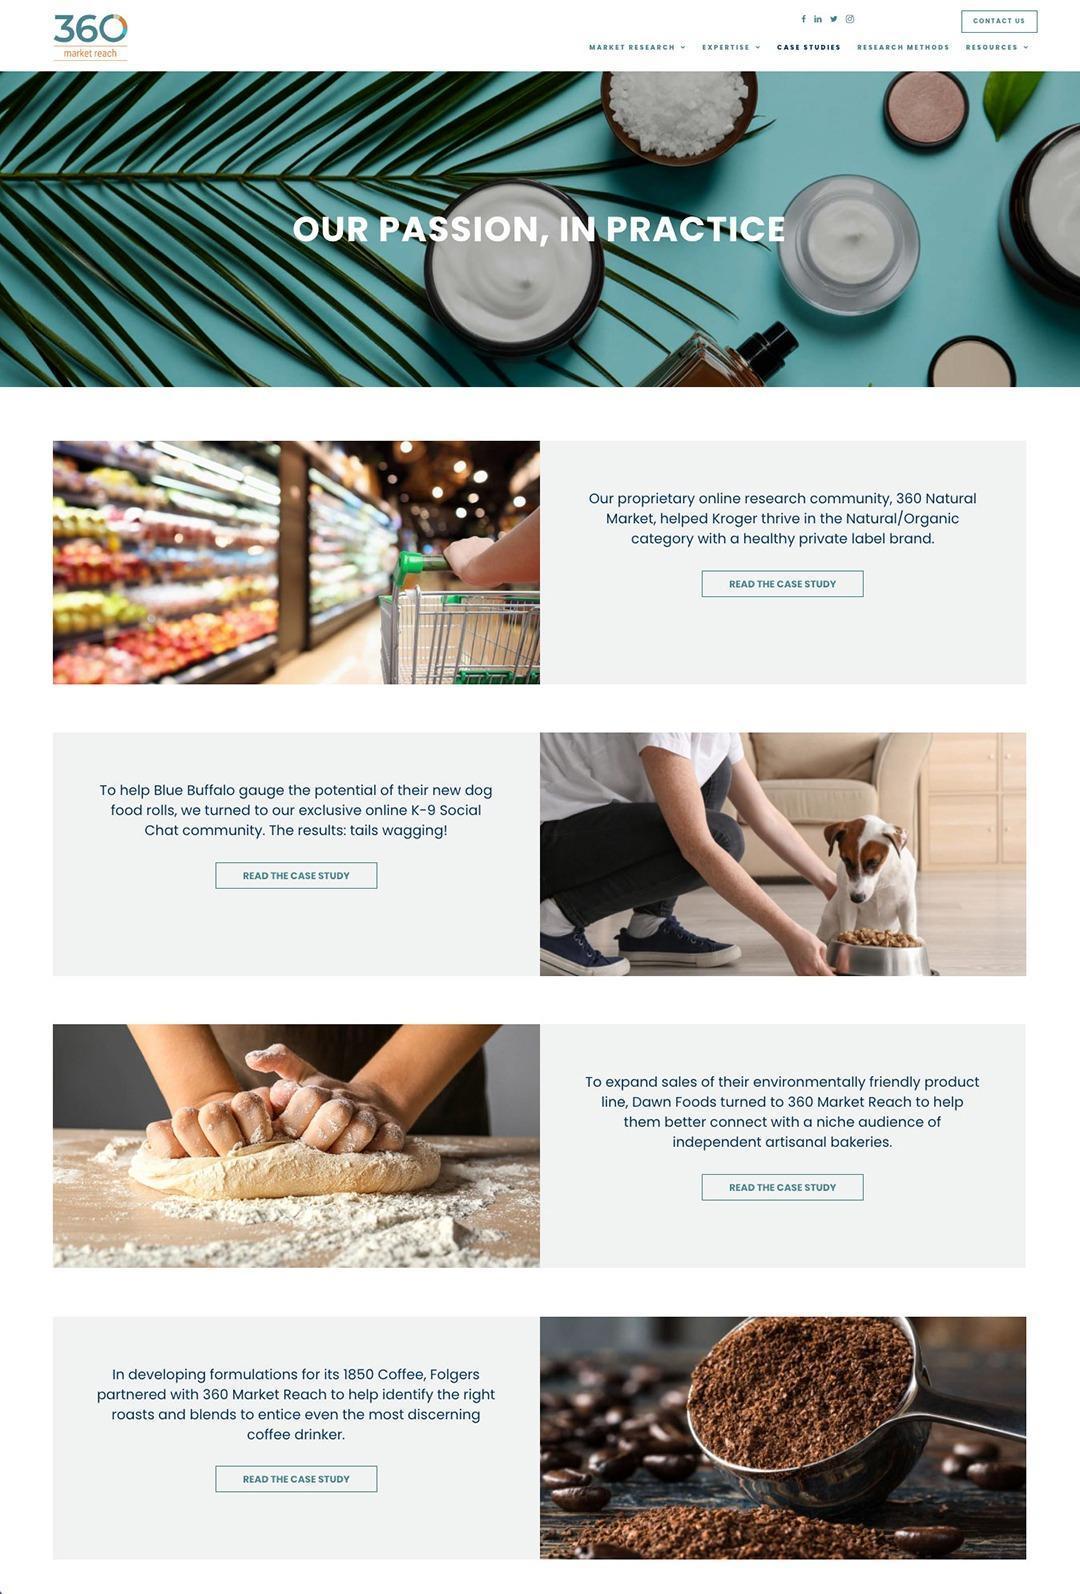 360-market-reach-website-case-studies